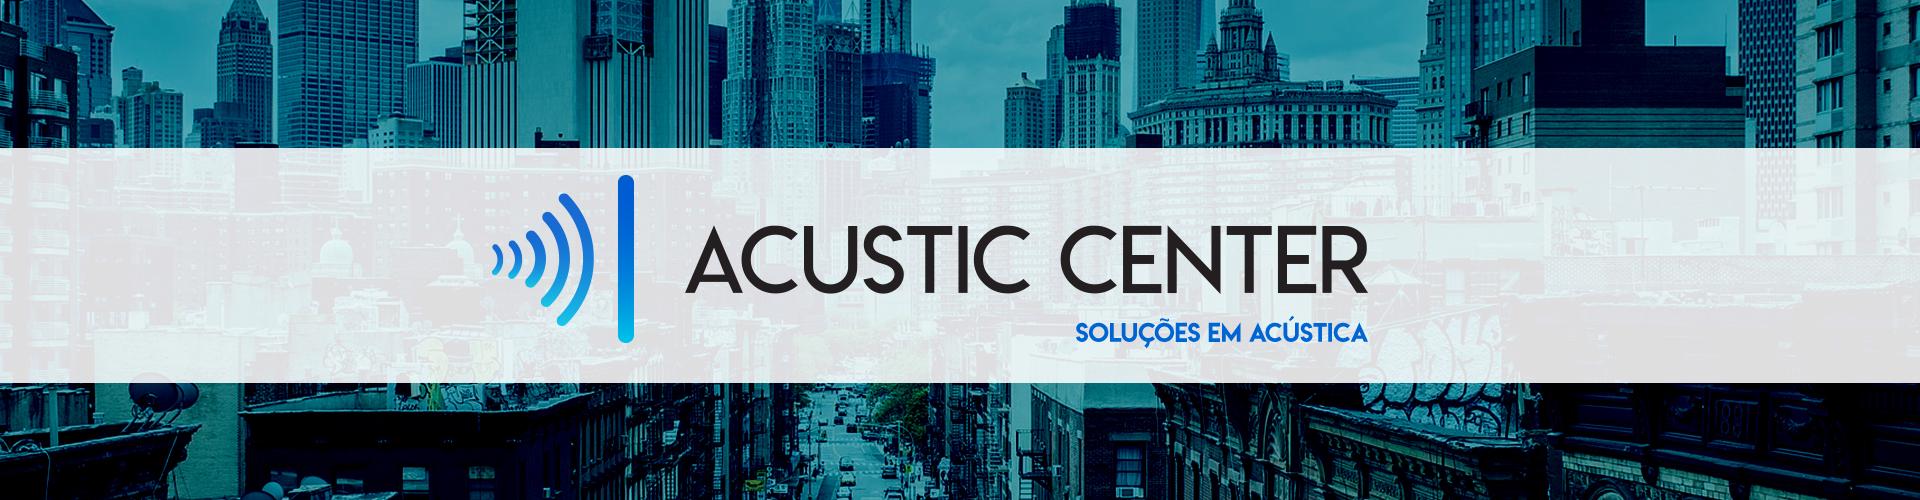 Acustic Center - Soluções em Acústica